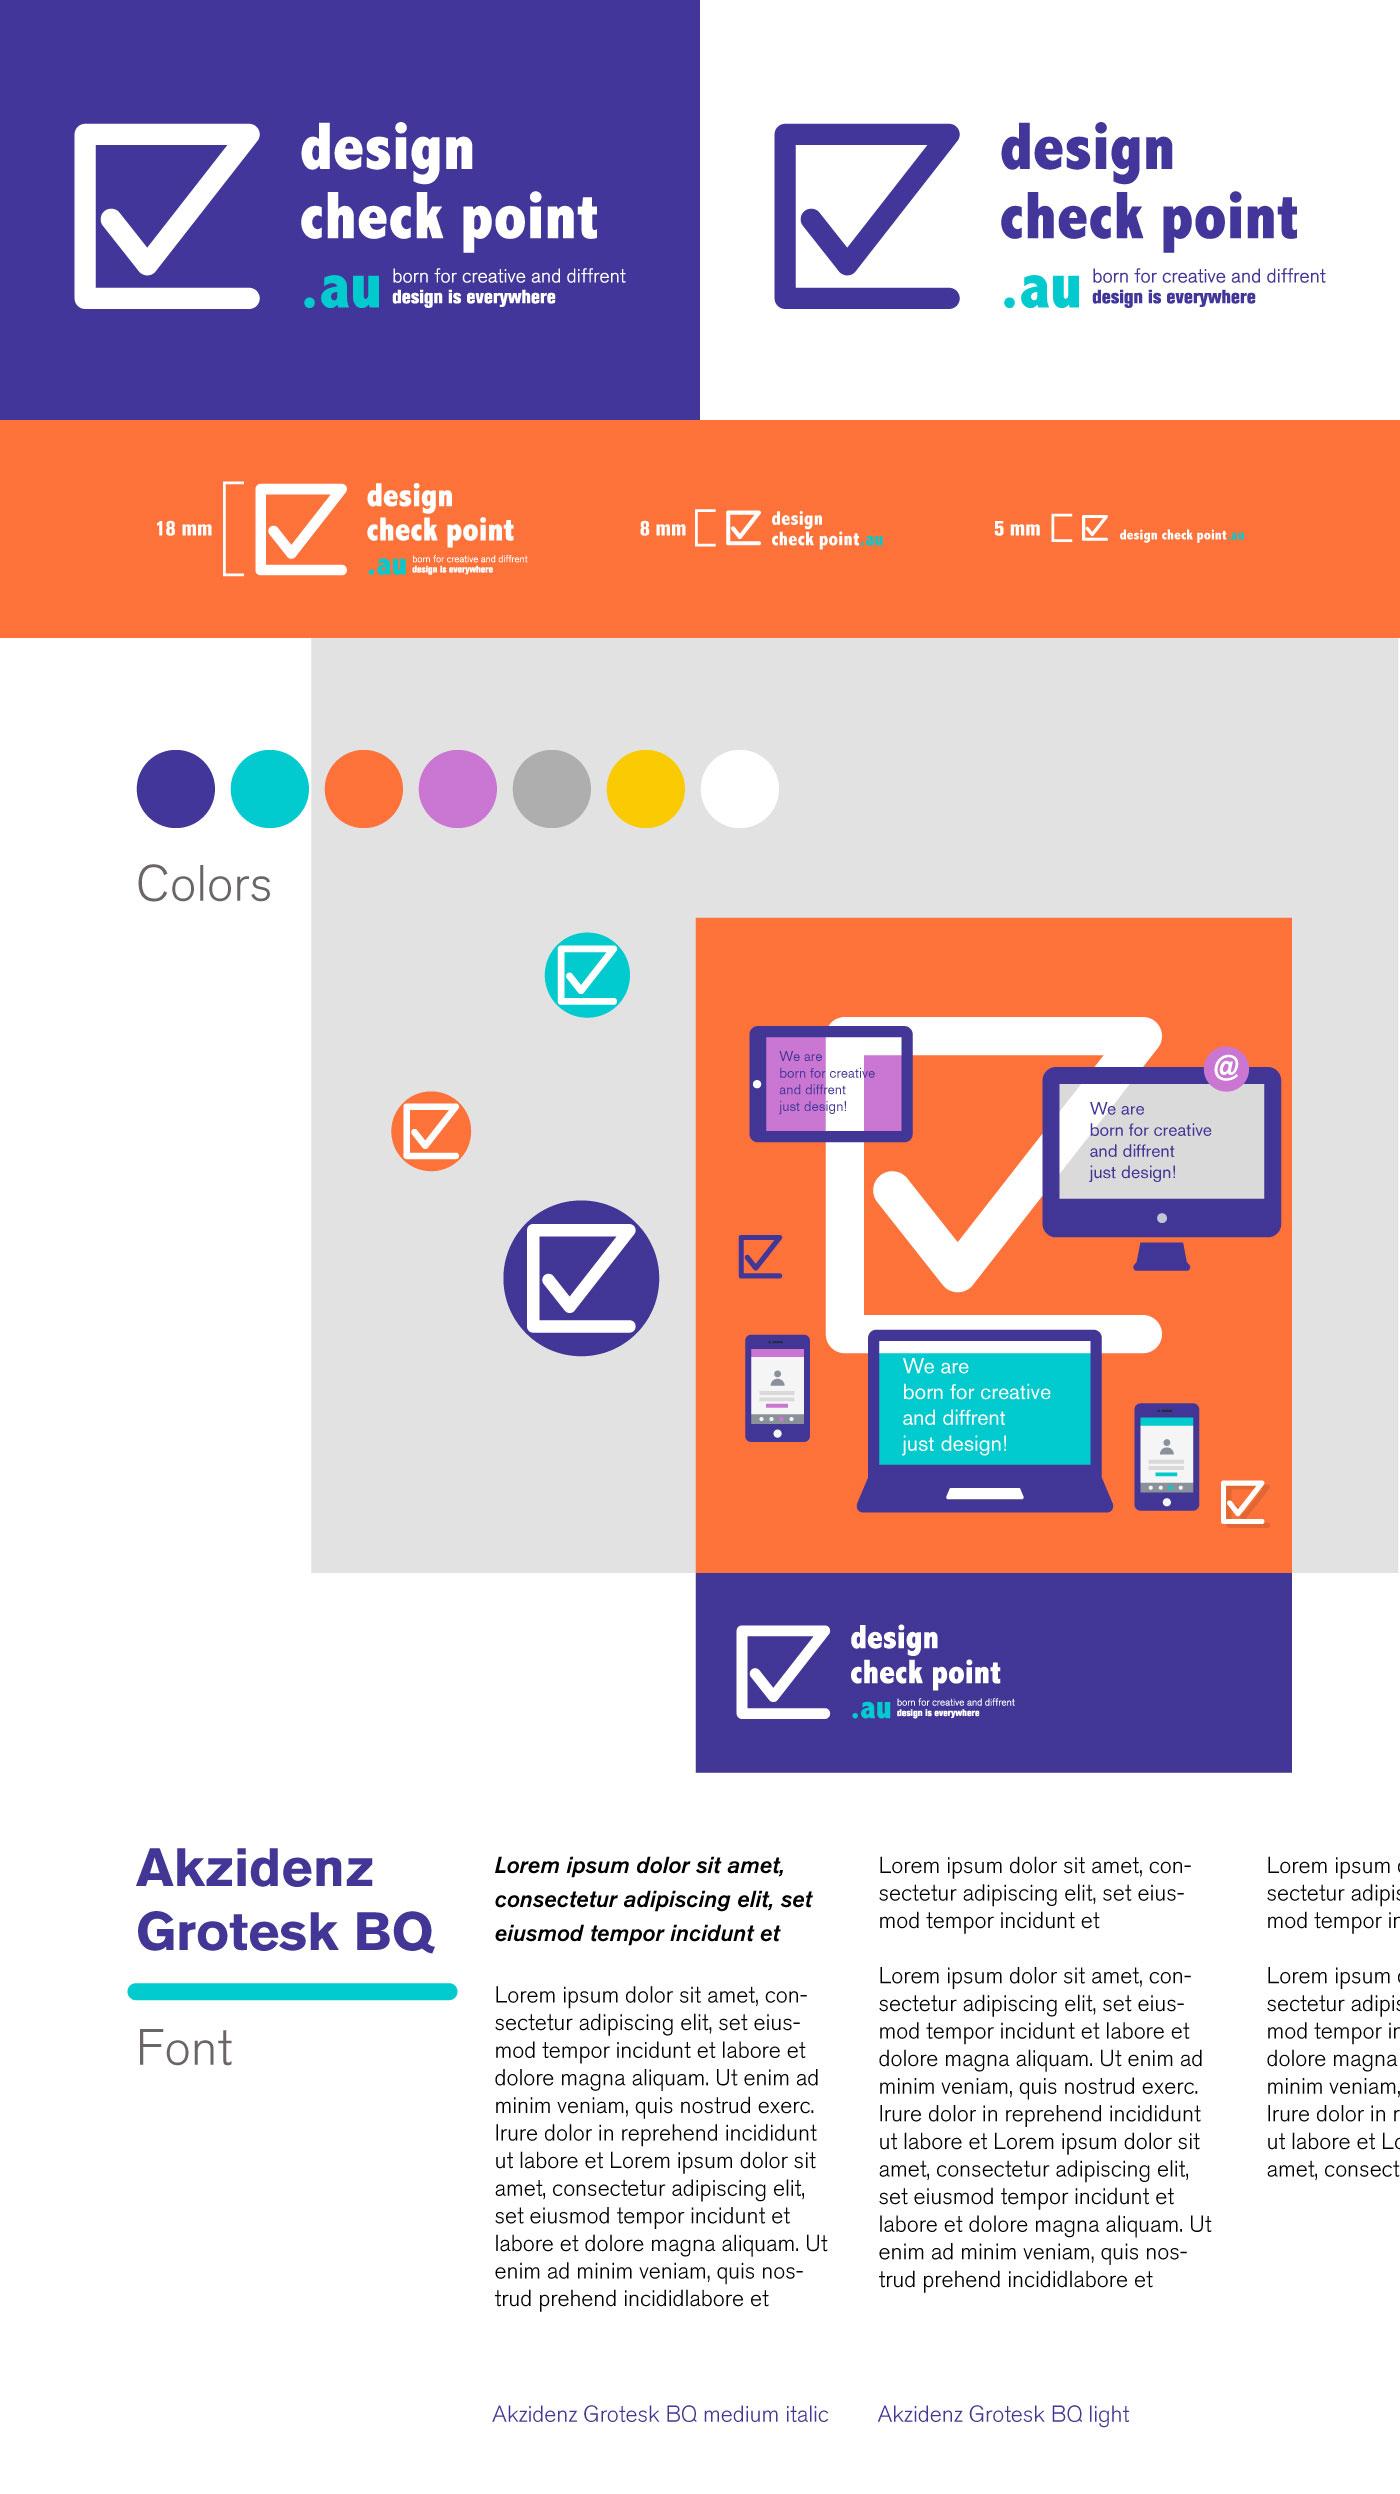 DesignCheckpoint1